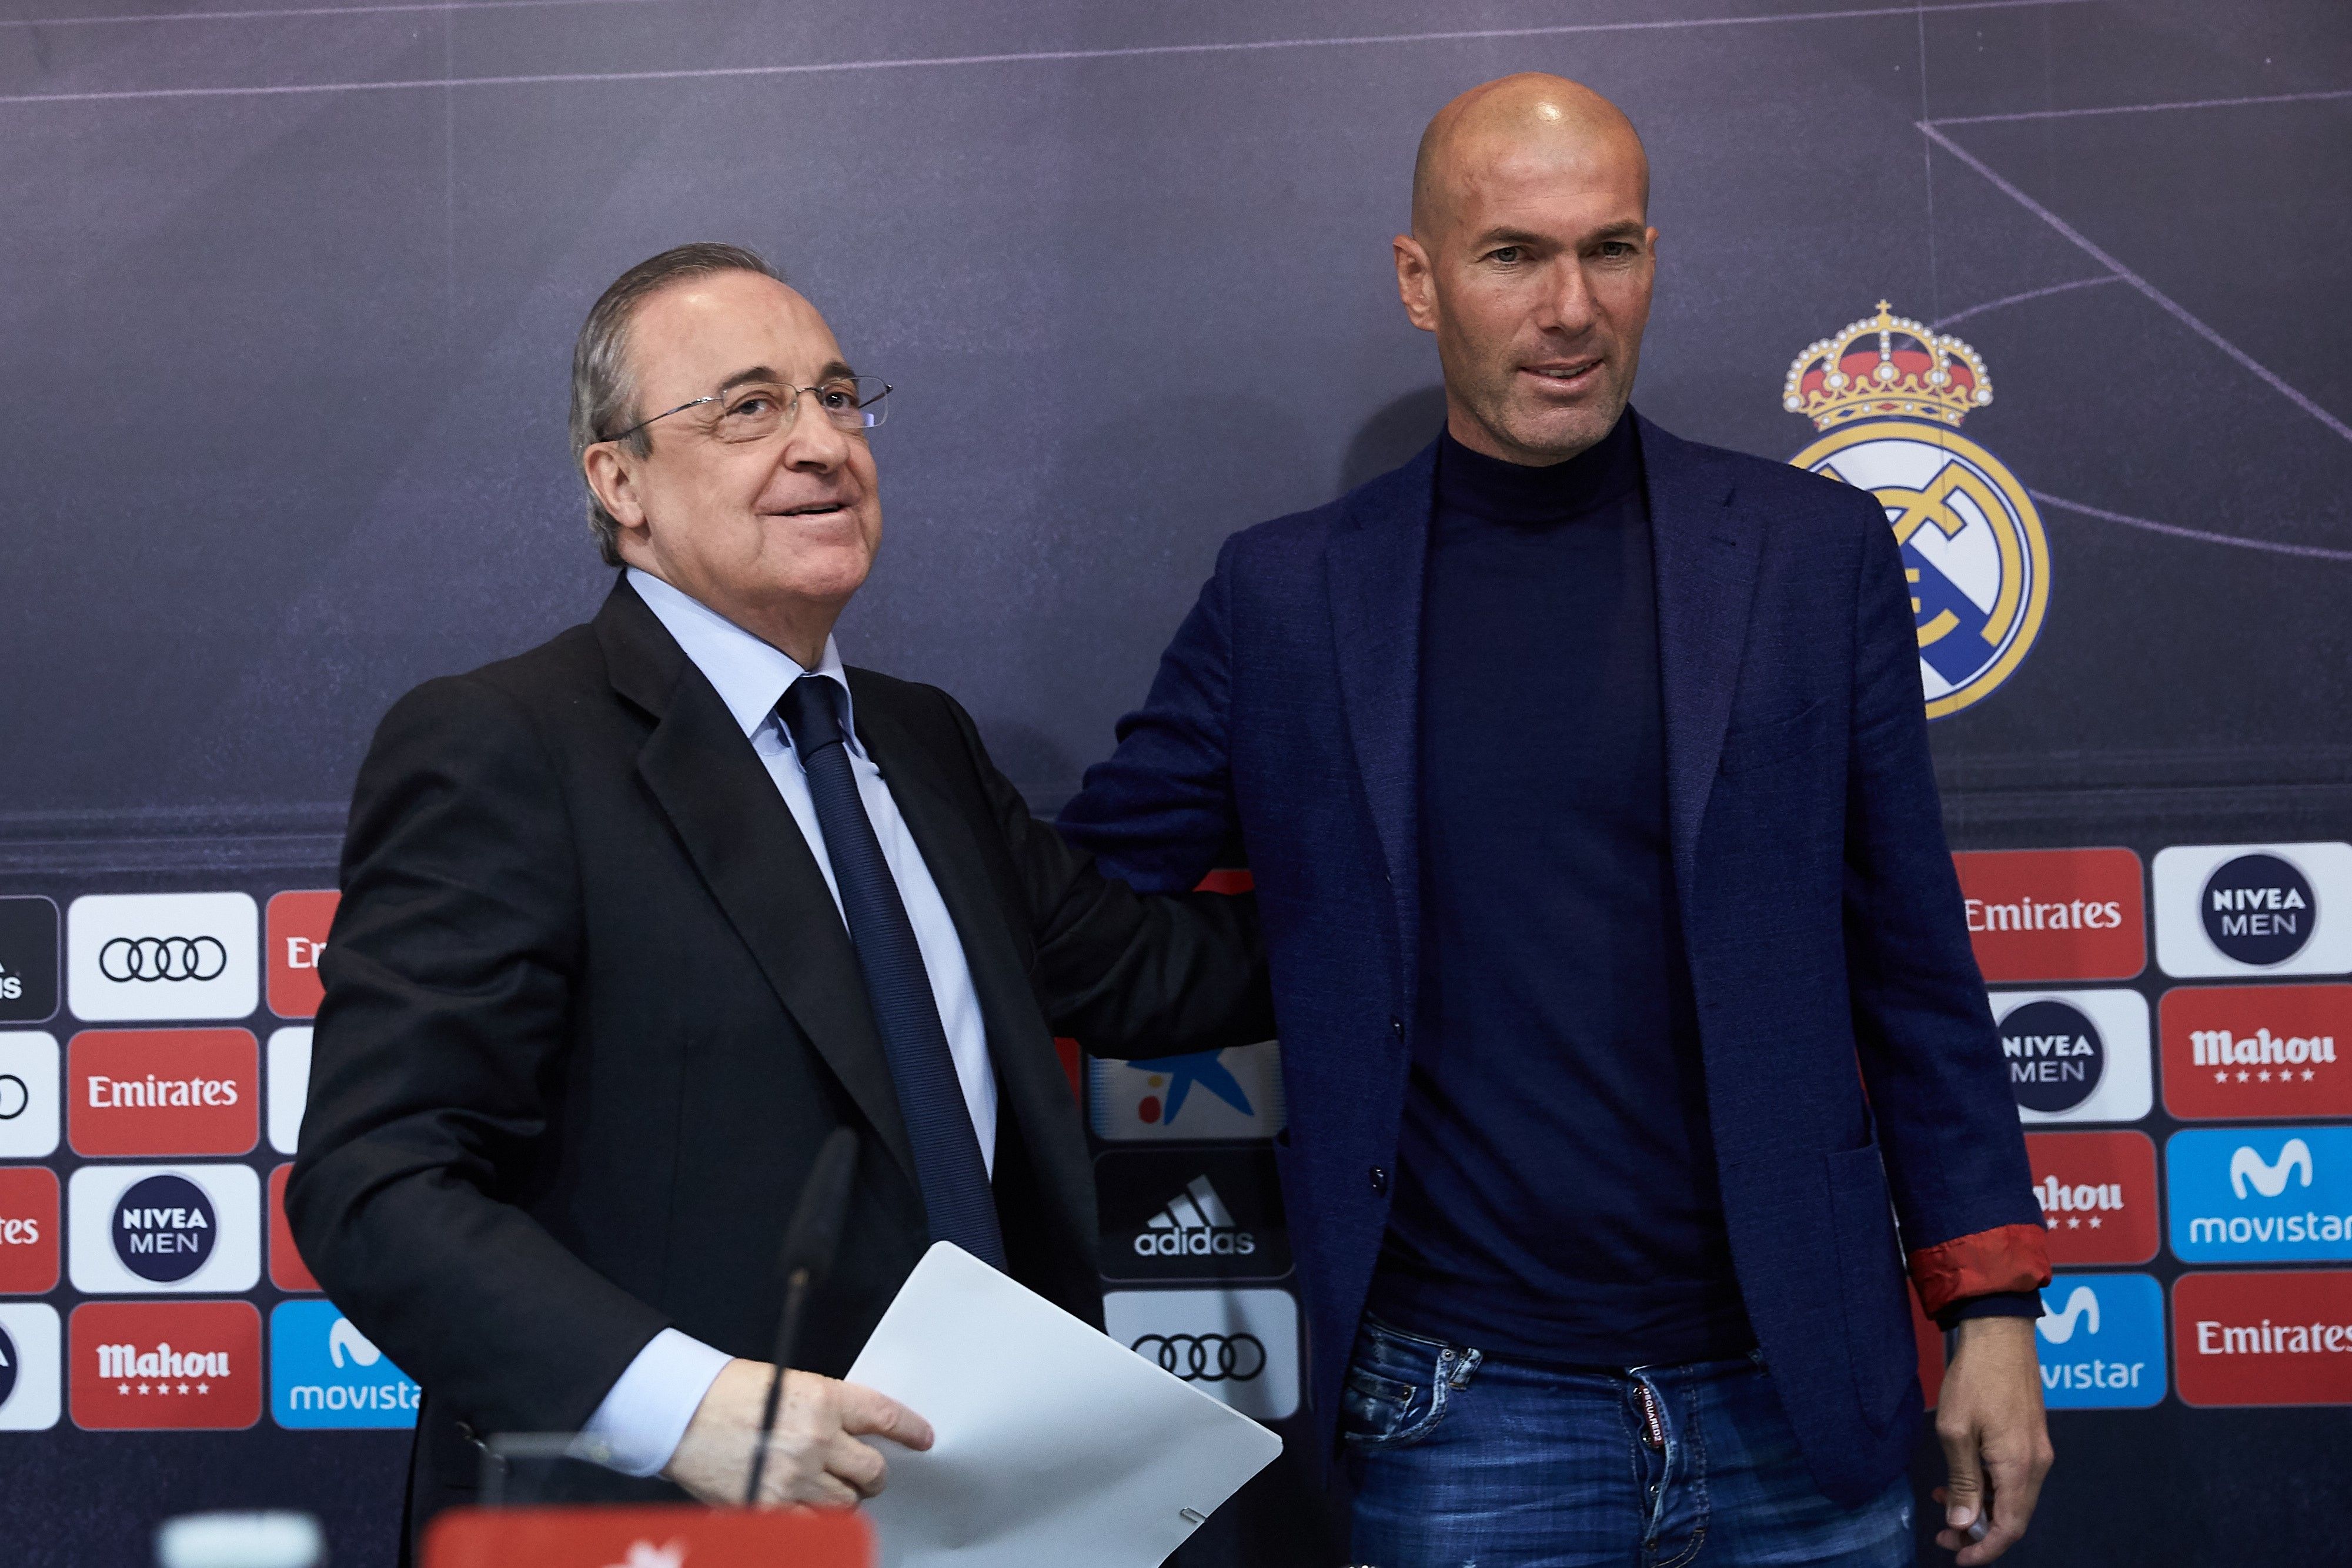 A roupa escolhida por Zidane para o anúncio do adeus: jeans, blazer e tricô. (Foto: Getty Images / Gonzalo Arroyo Moreno)